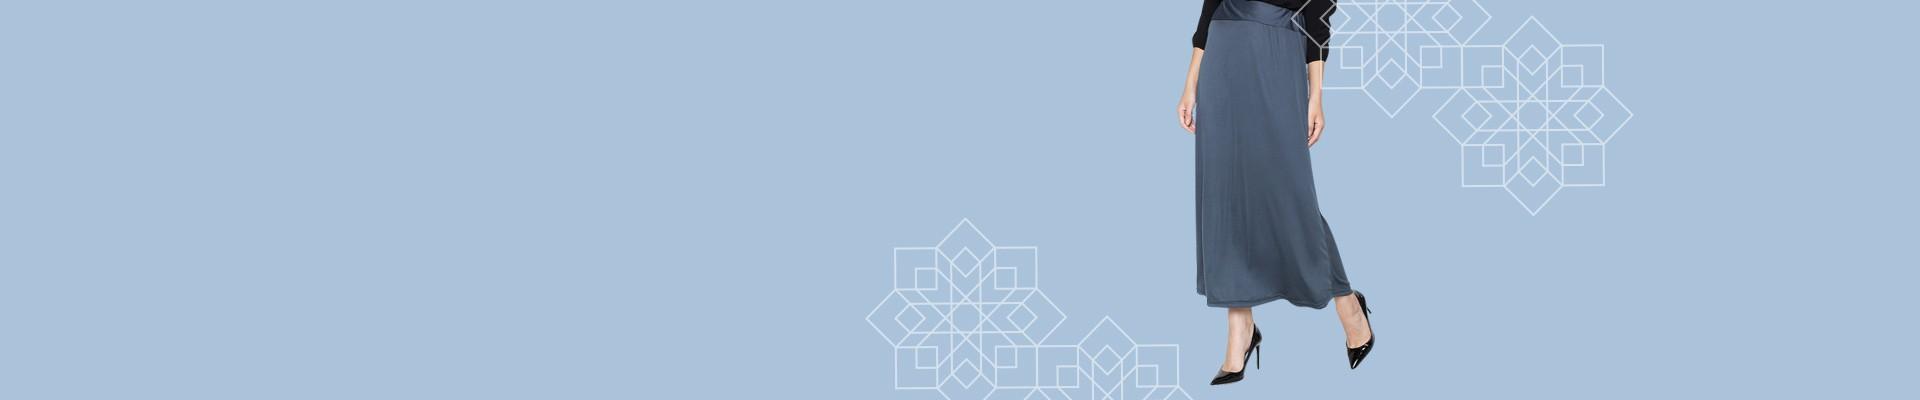 Jual Rok Muslimah Terbaru - Harga Murah